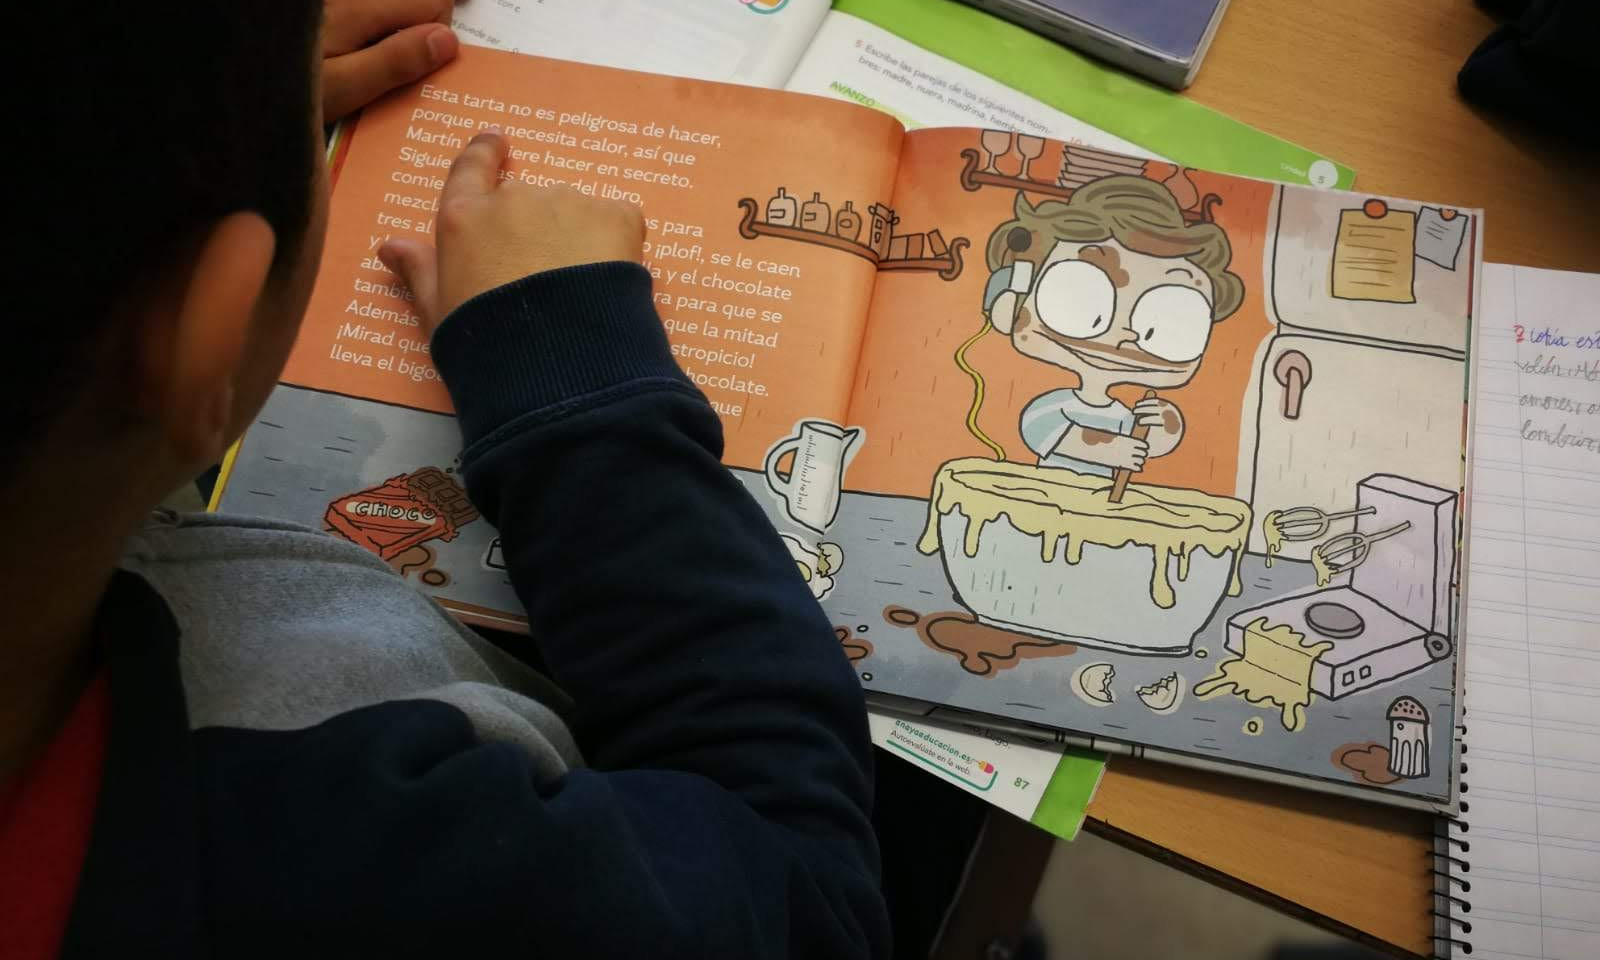 Alumnado leyendo Martín y la tarta de chocolate